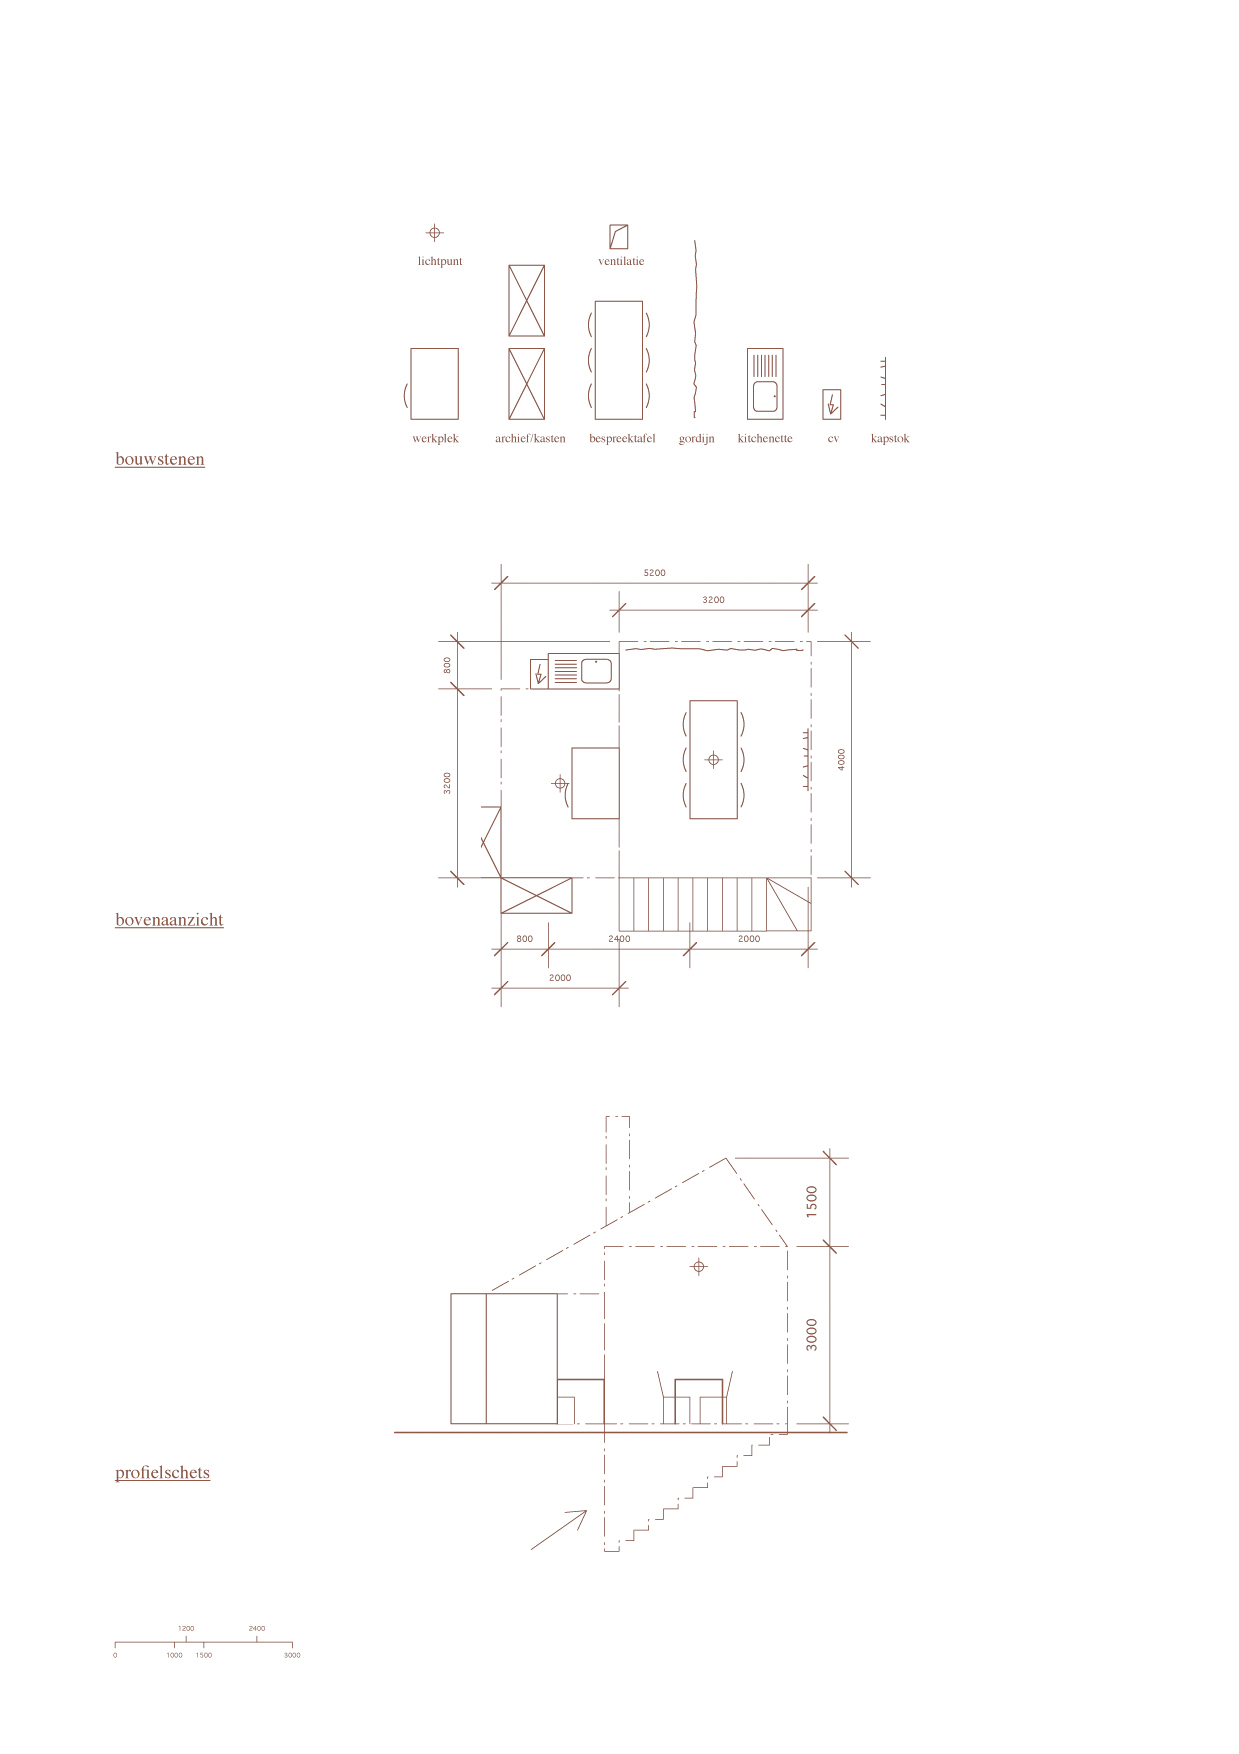 prooff akoestiek bouwreglement.odt - NeoOffice Writer